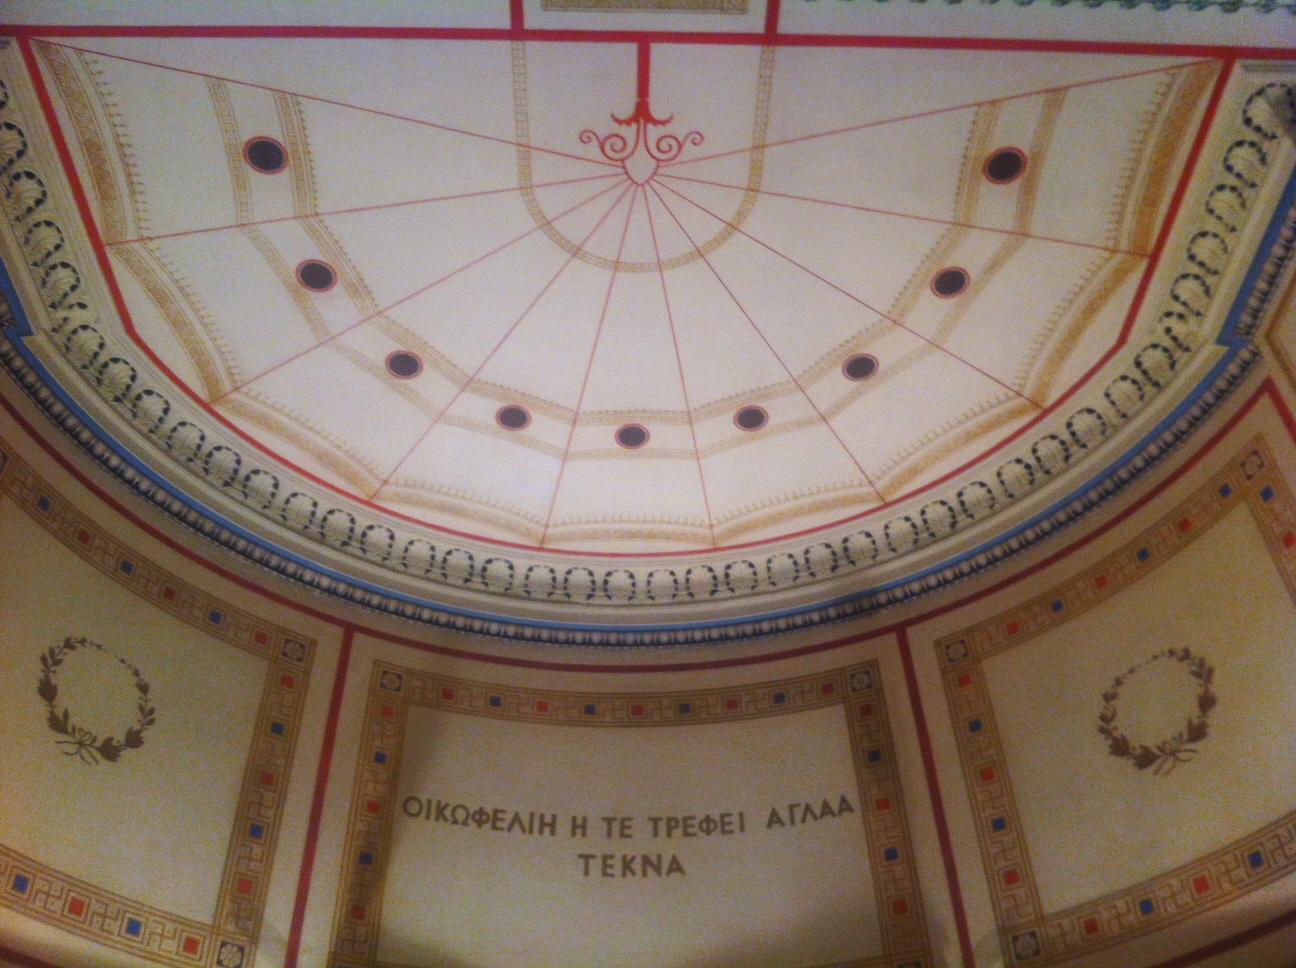 ysmf.numismatic.museum.ceiling.6